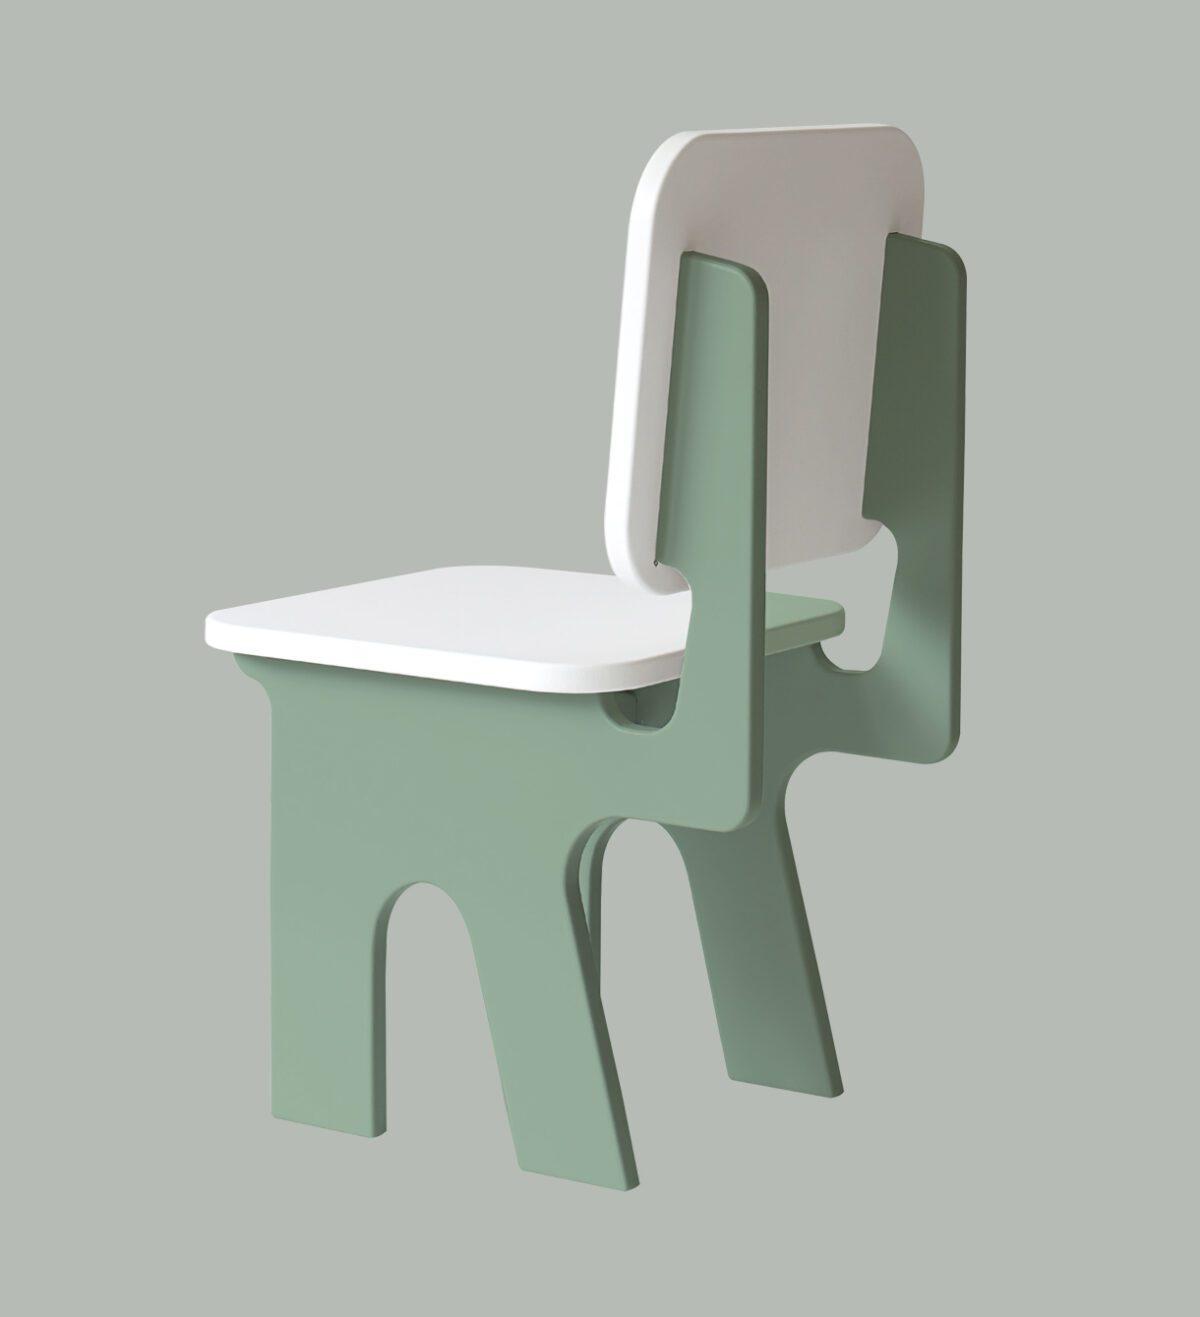 Kinderstoeltje Dipperdee groen zijkant